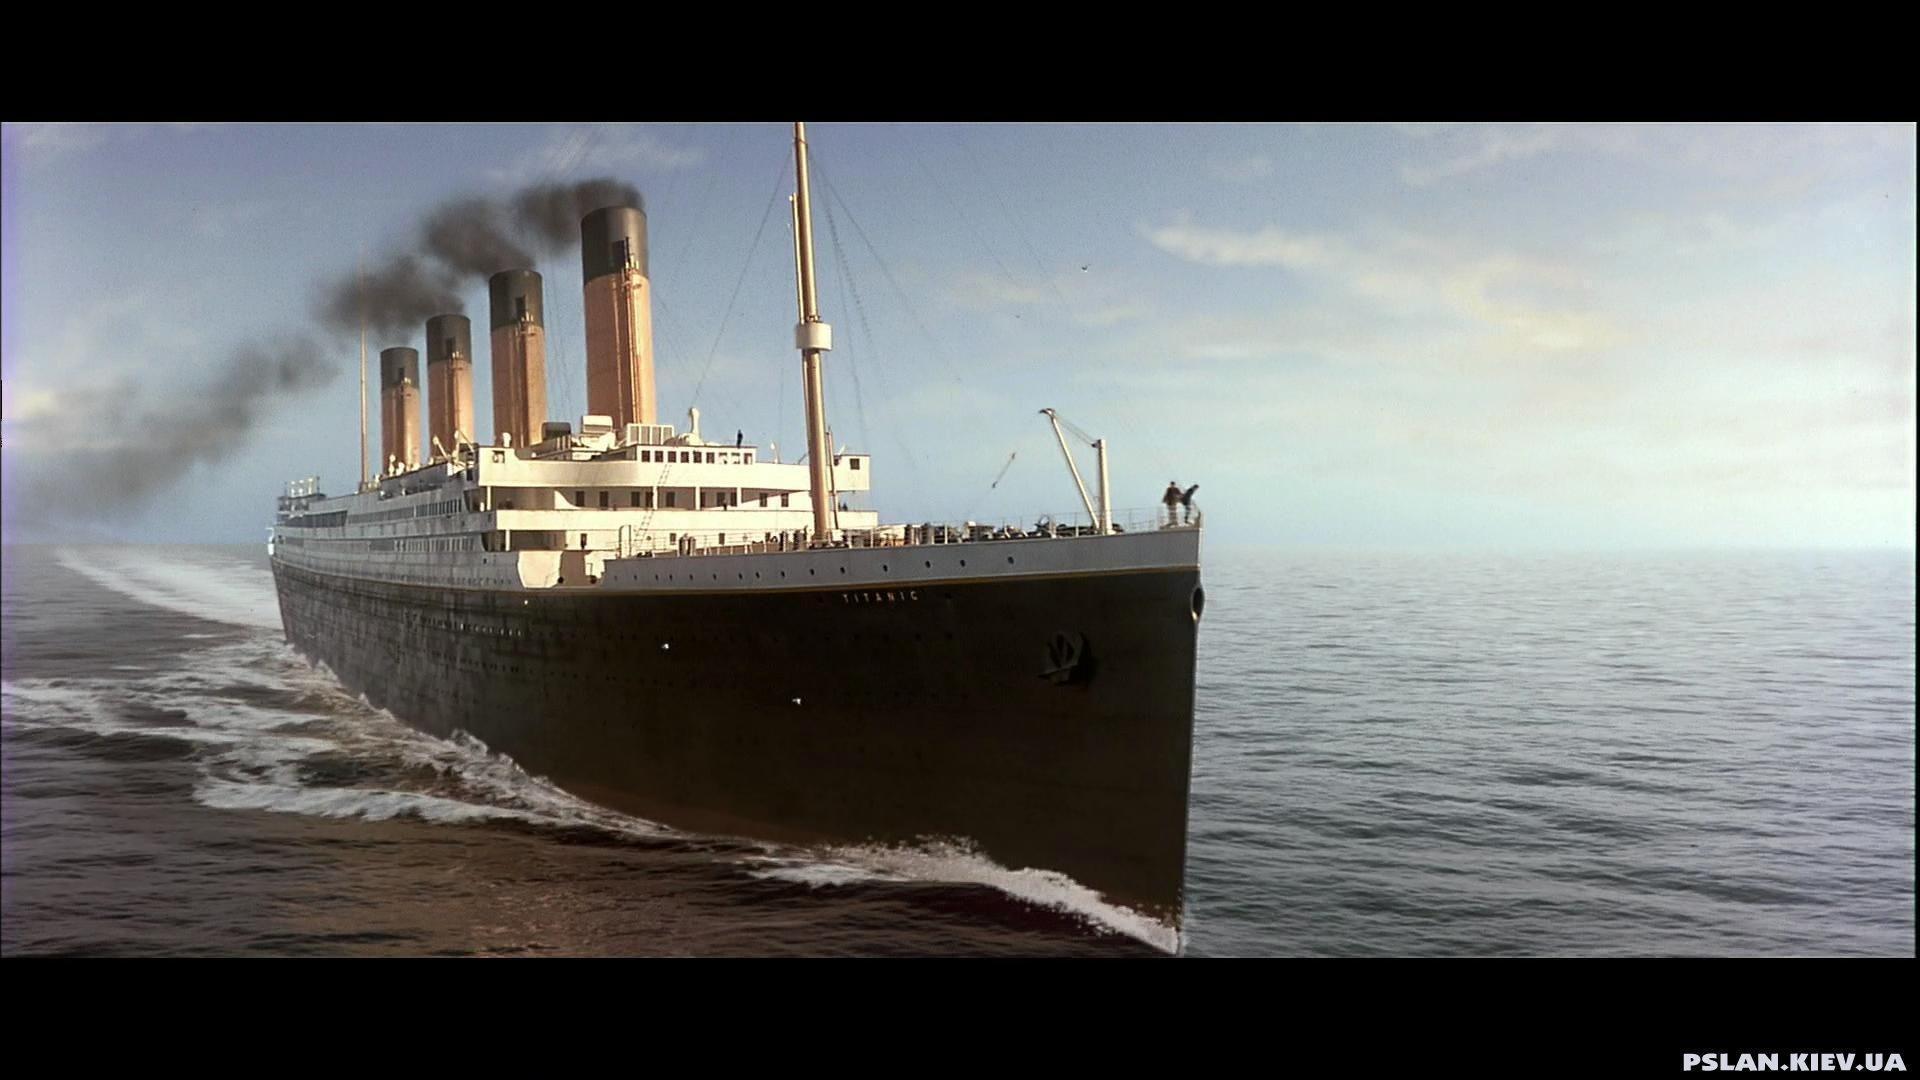 Titanic Wallpaper - WallpaperSafari